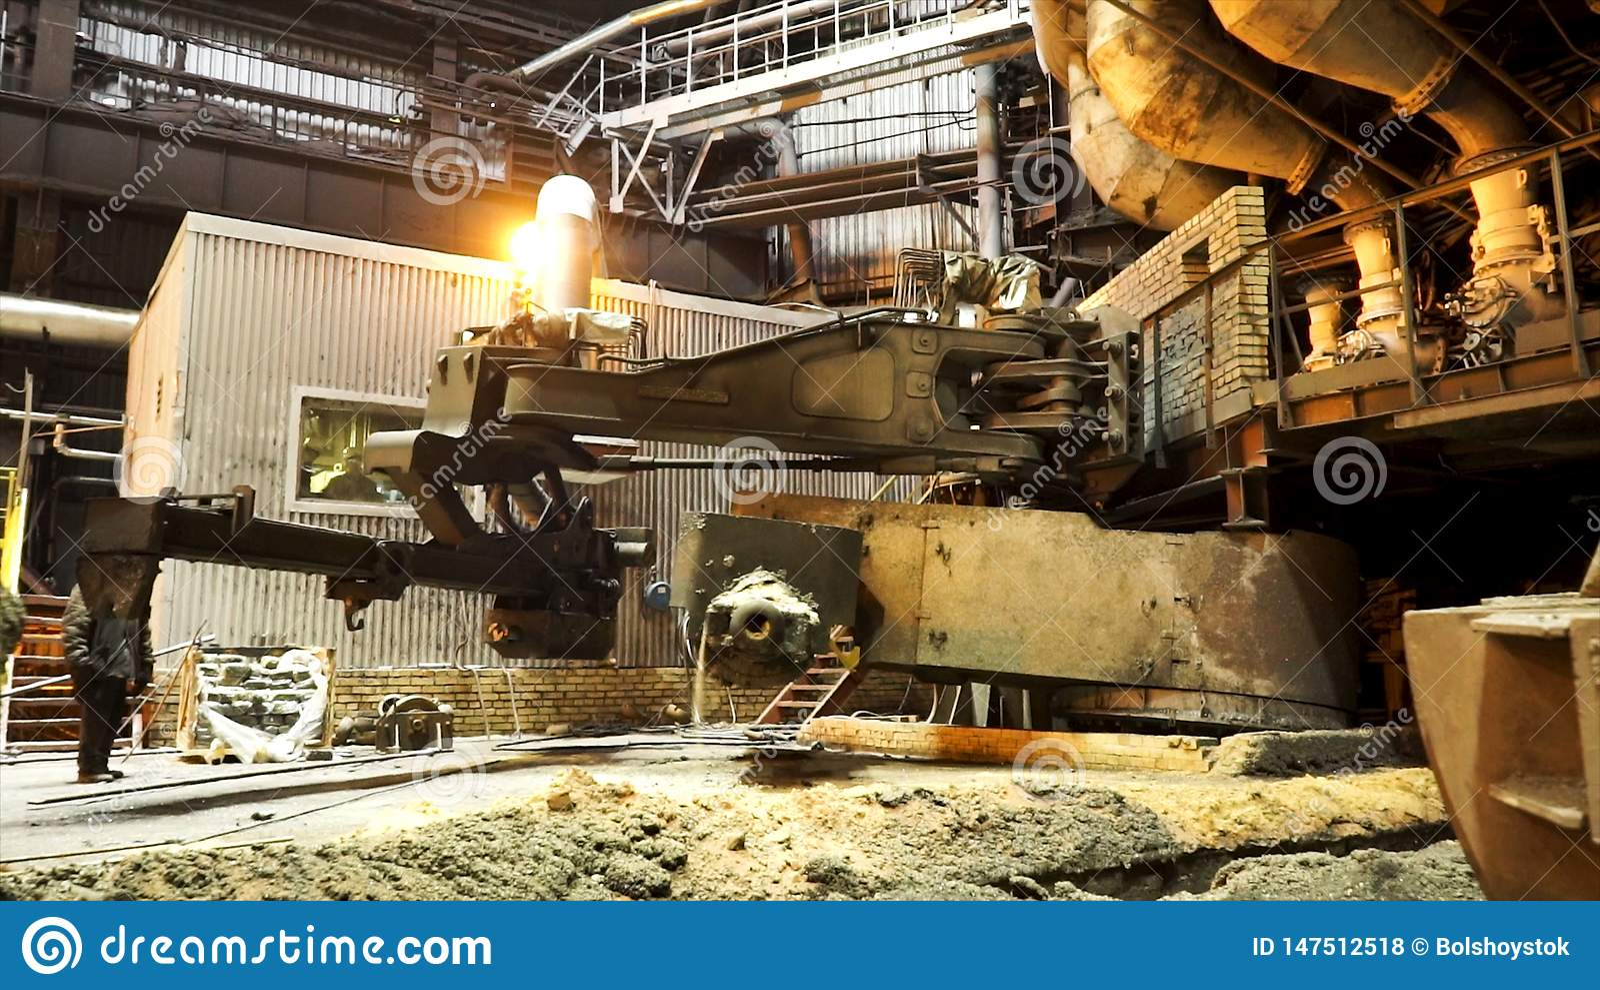 Καυτό κατάστημα των μεταλλουργικών εγκαταστάσεων με τα σύγχρονα μηχανήματα, βιομηχανικό τοπίο r Παραγωγή λειωμένων μετάλλων